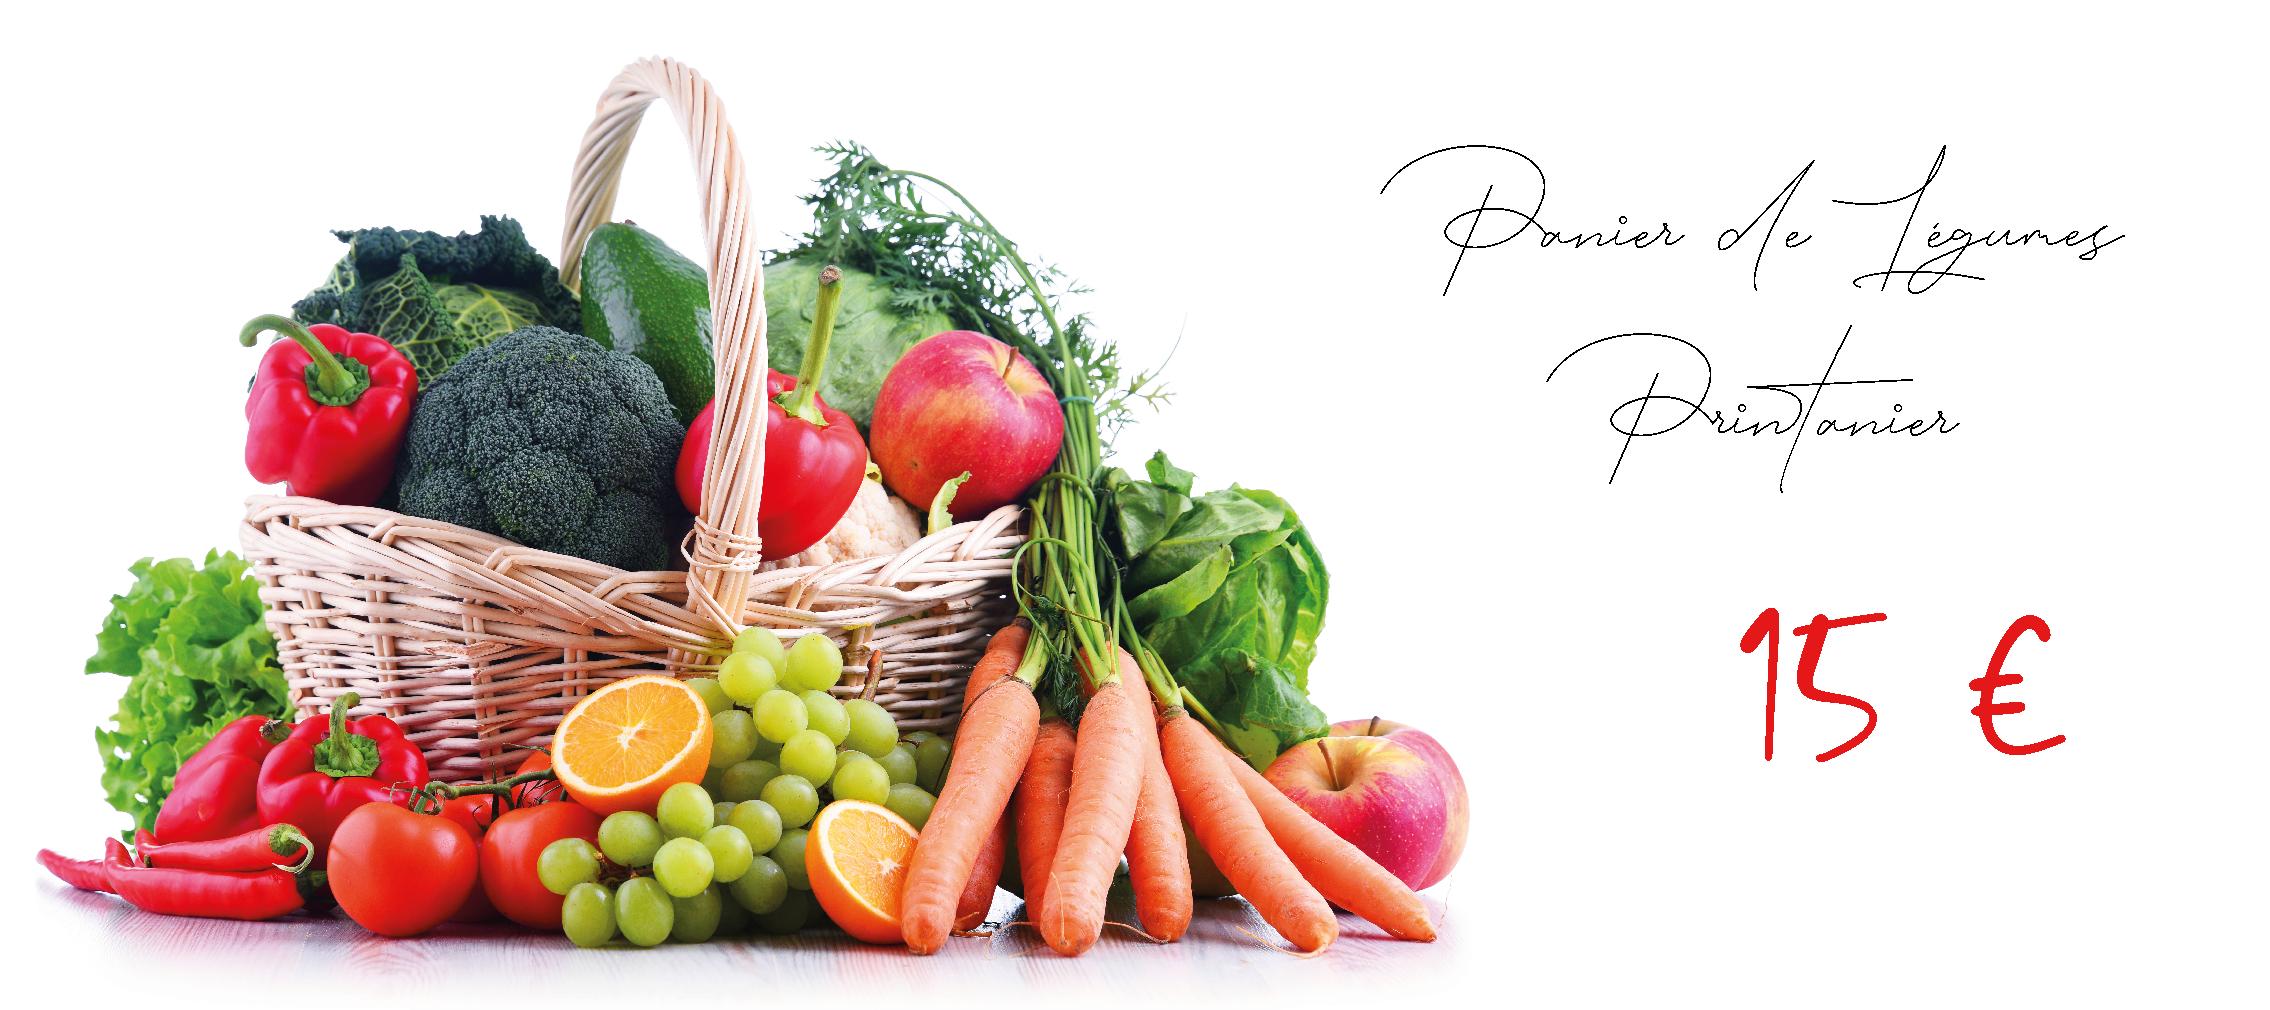 Paniers de Fruits et Légumes Printanier